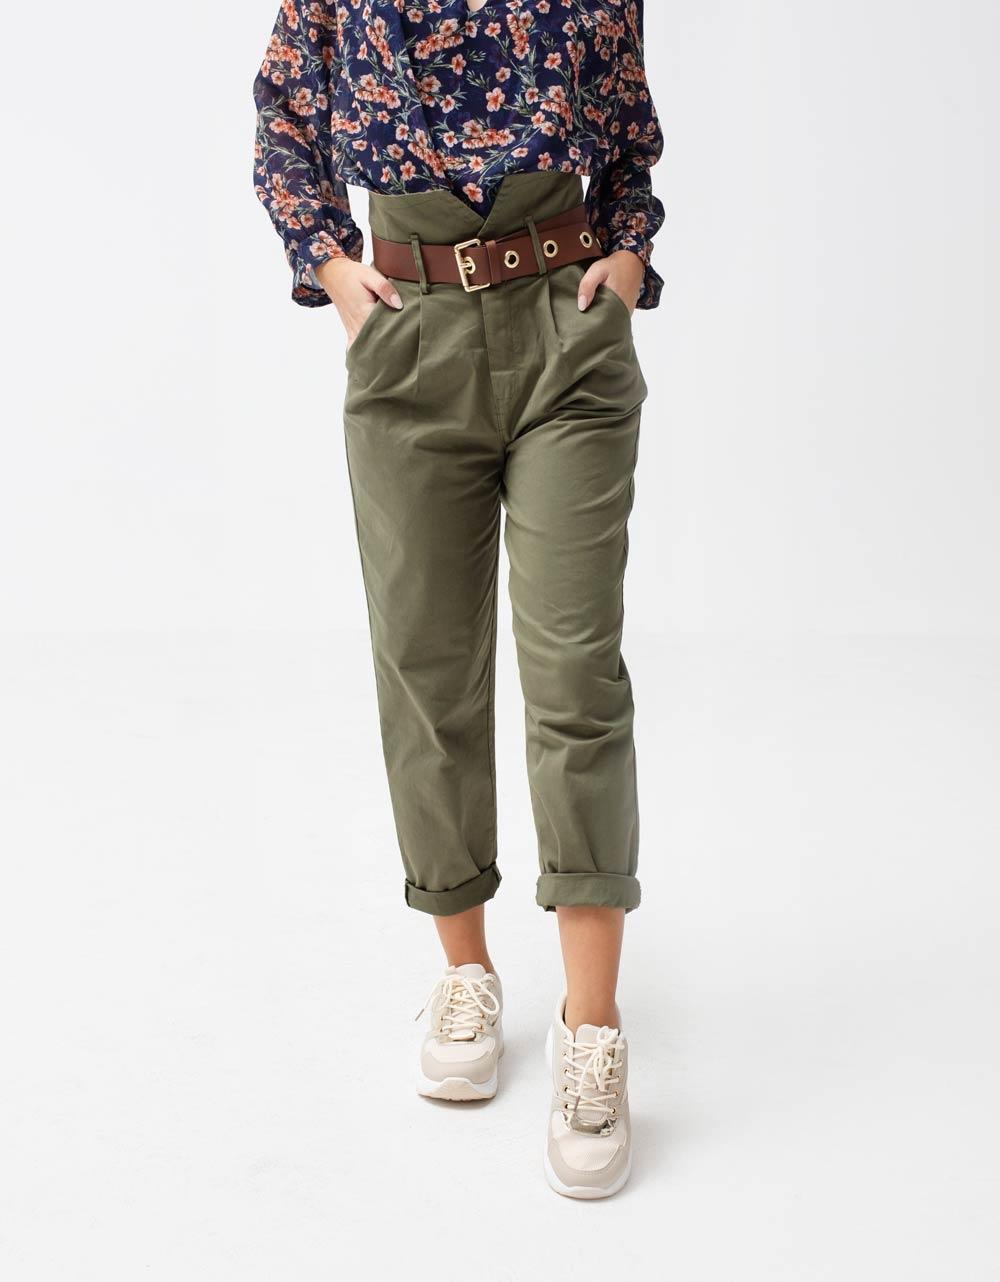 Εικόνα από Γυναικείο παντελόνι ψηλόμεσο με ζωνάκι Πράσινο